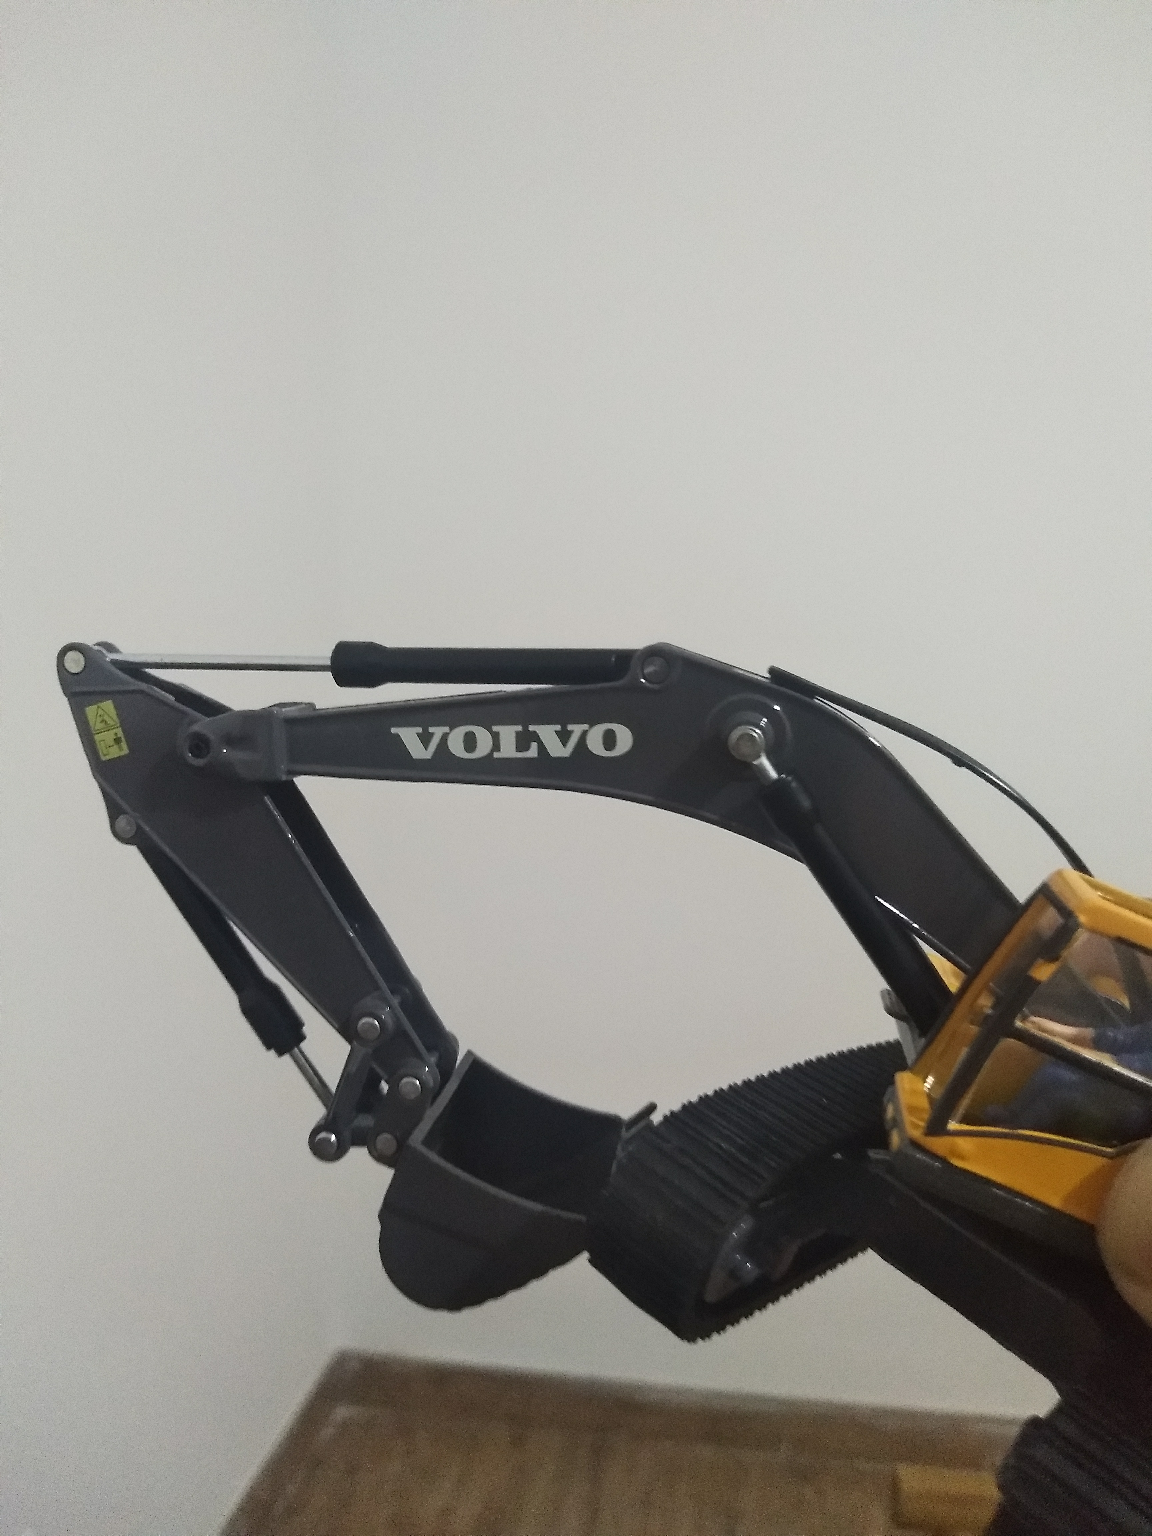 短臂挖掘机掉链条如何自救,用模型给各位甲油演示一下